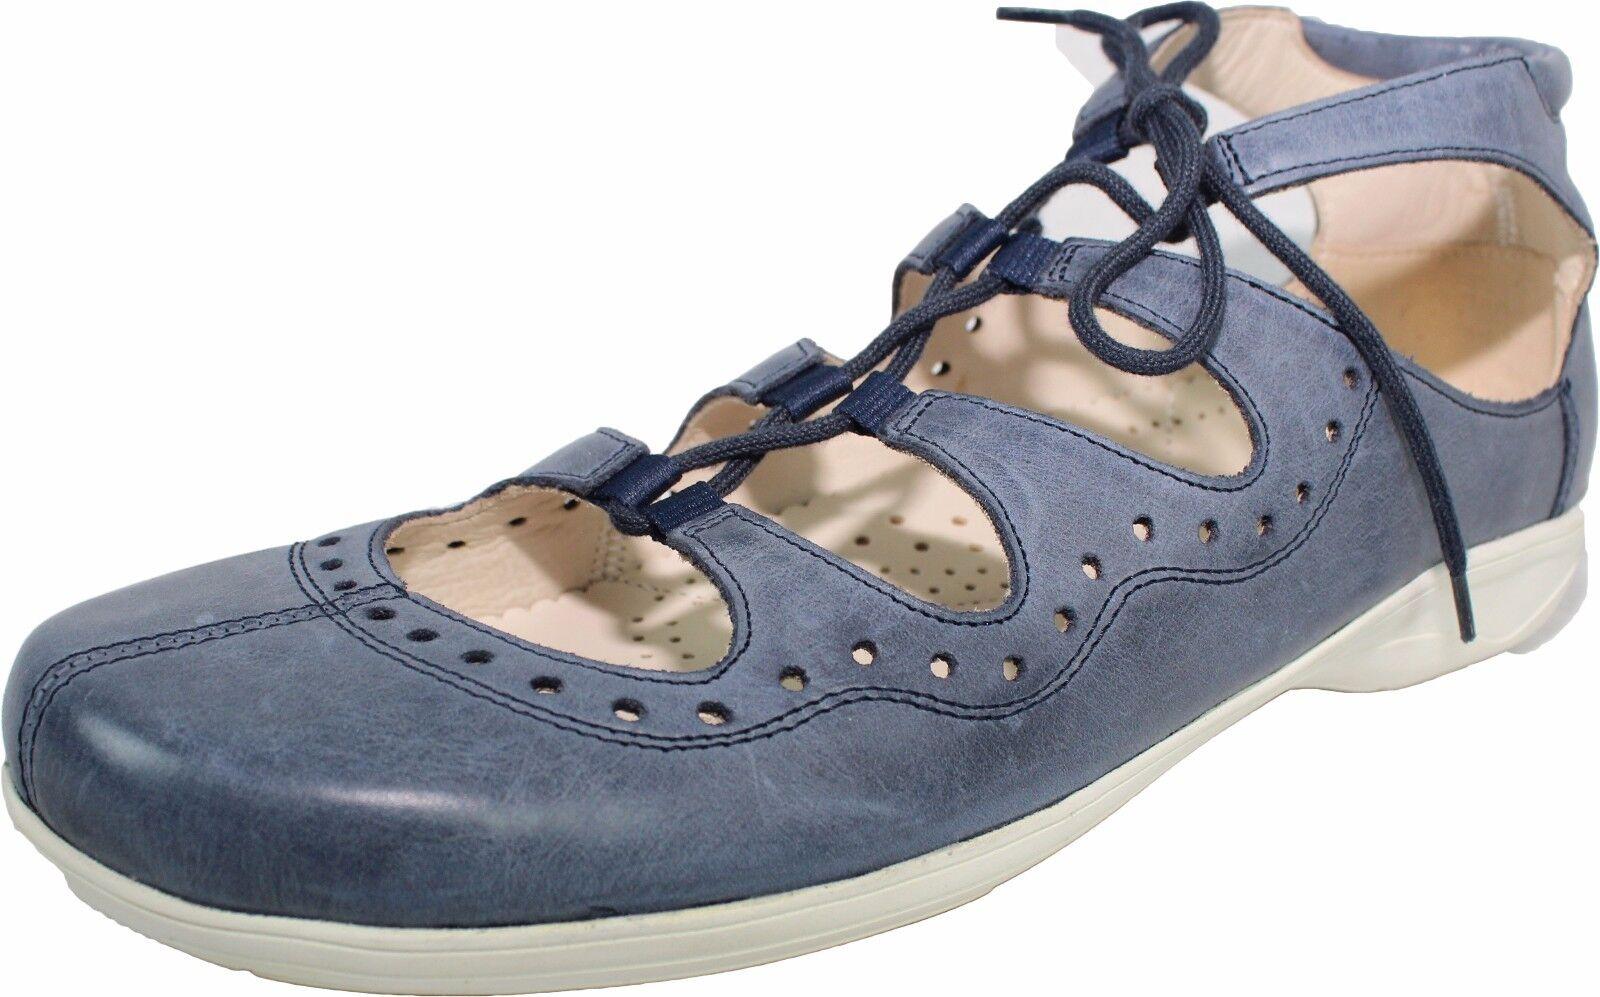 Oso zapato madlene señora sandalias azul